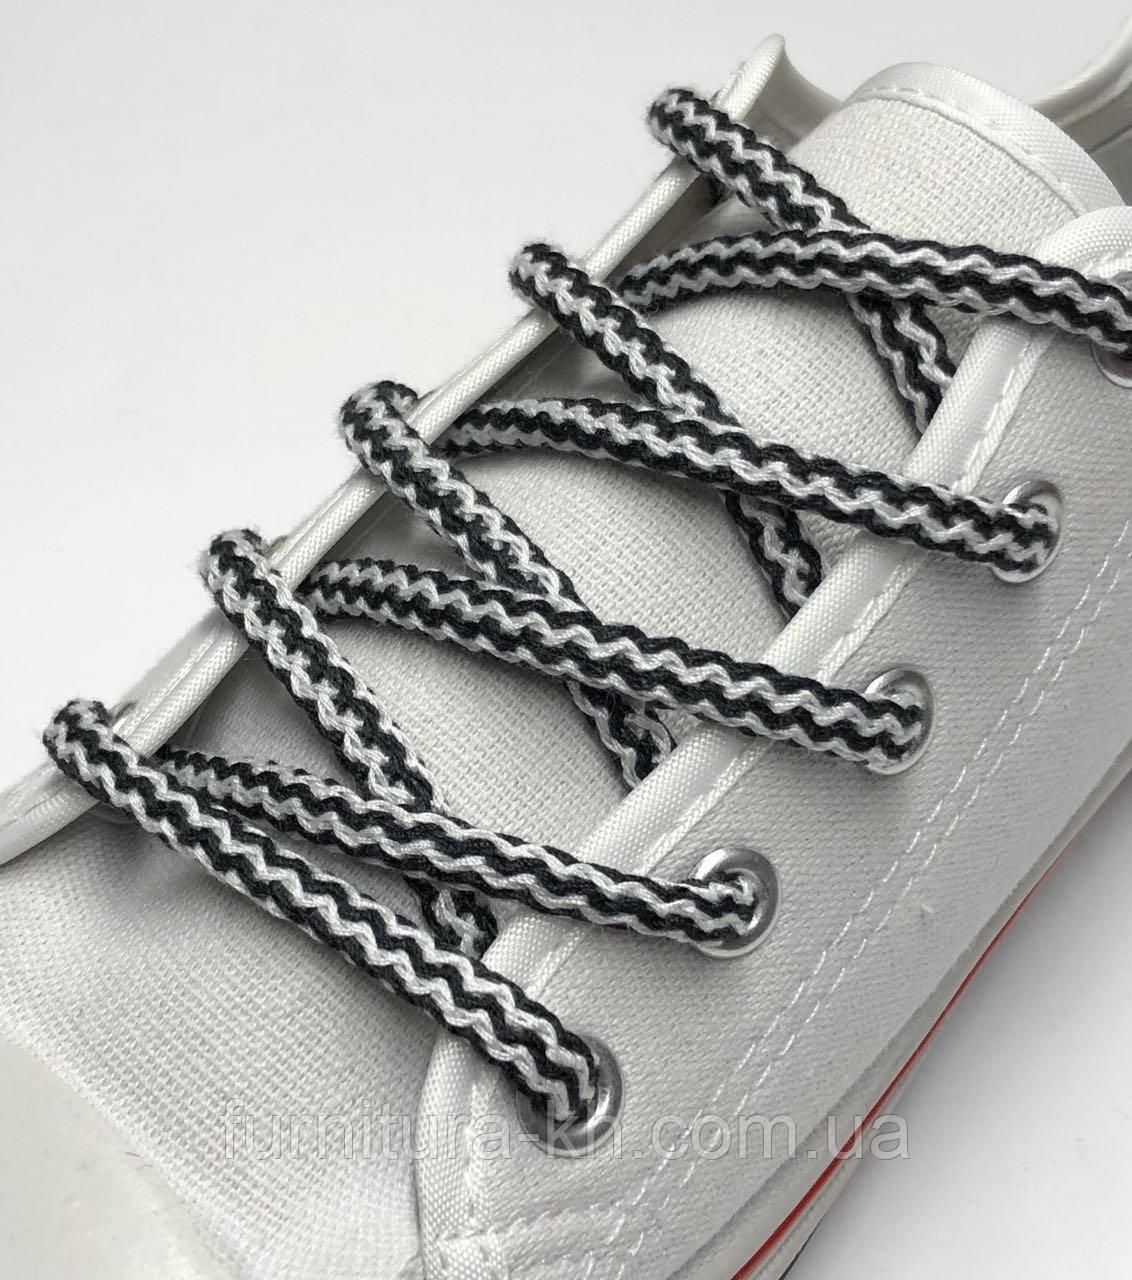 Шнурок Простой Круглый.Длинна 1,2 метр цвет Черно Белый (толщина 5 мм)